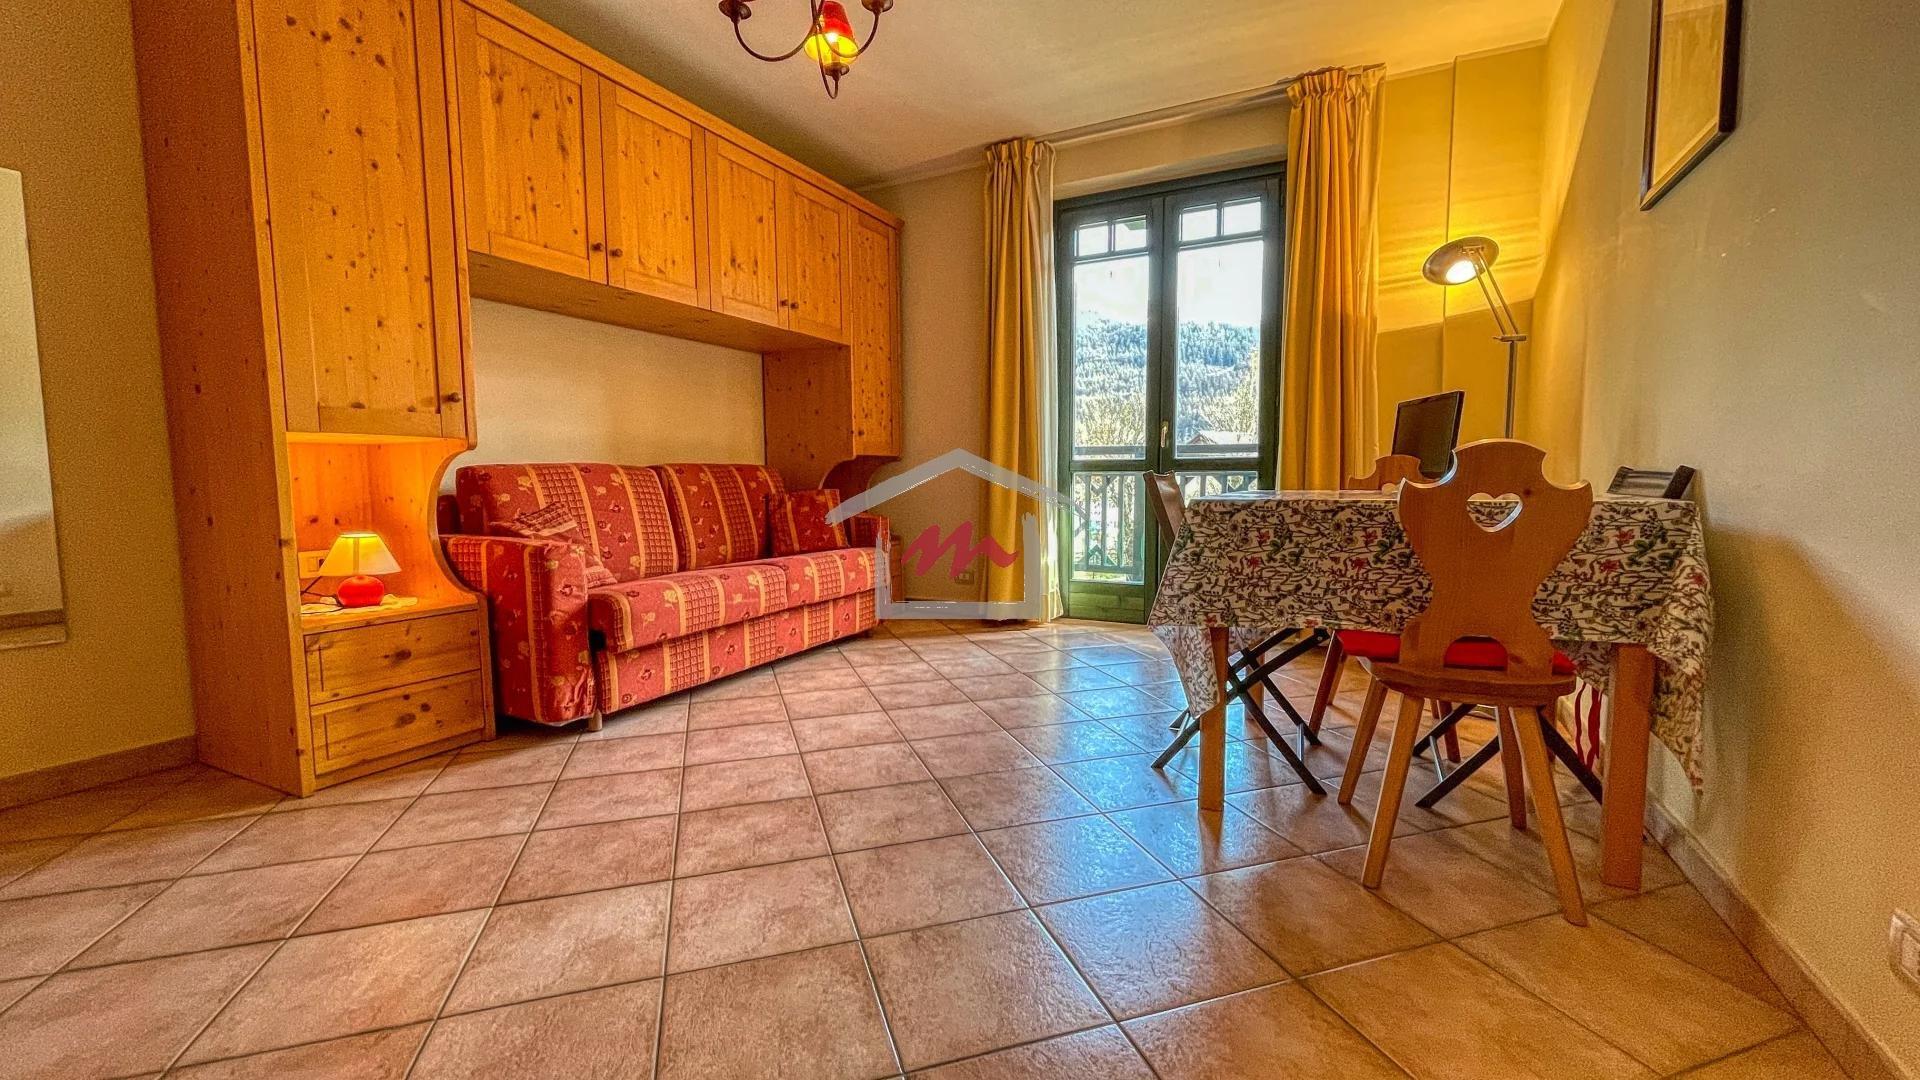 Affitto stagionale Appartamento Bardonecchia